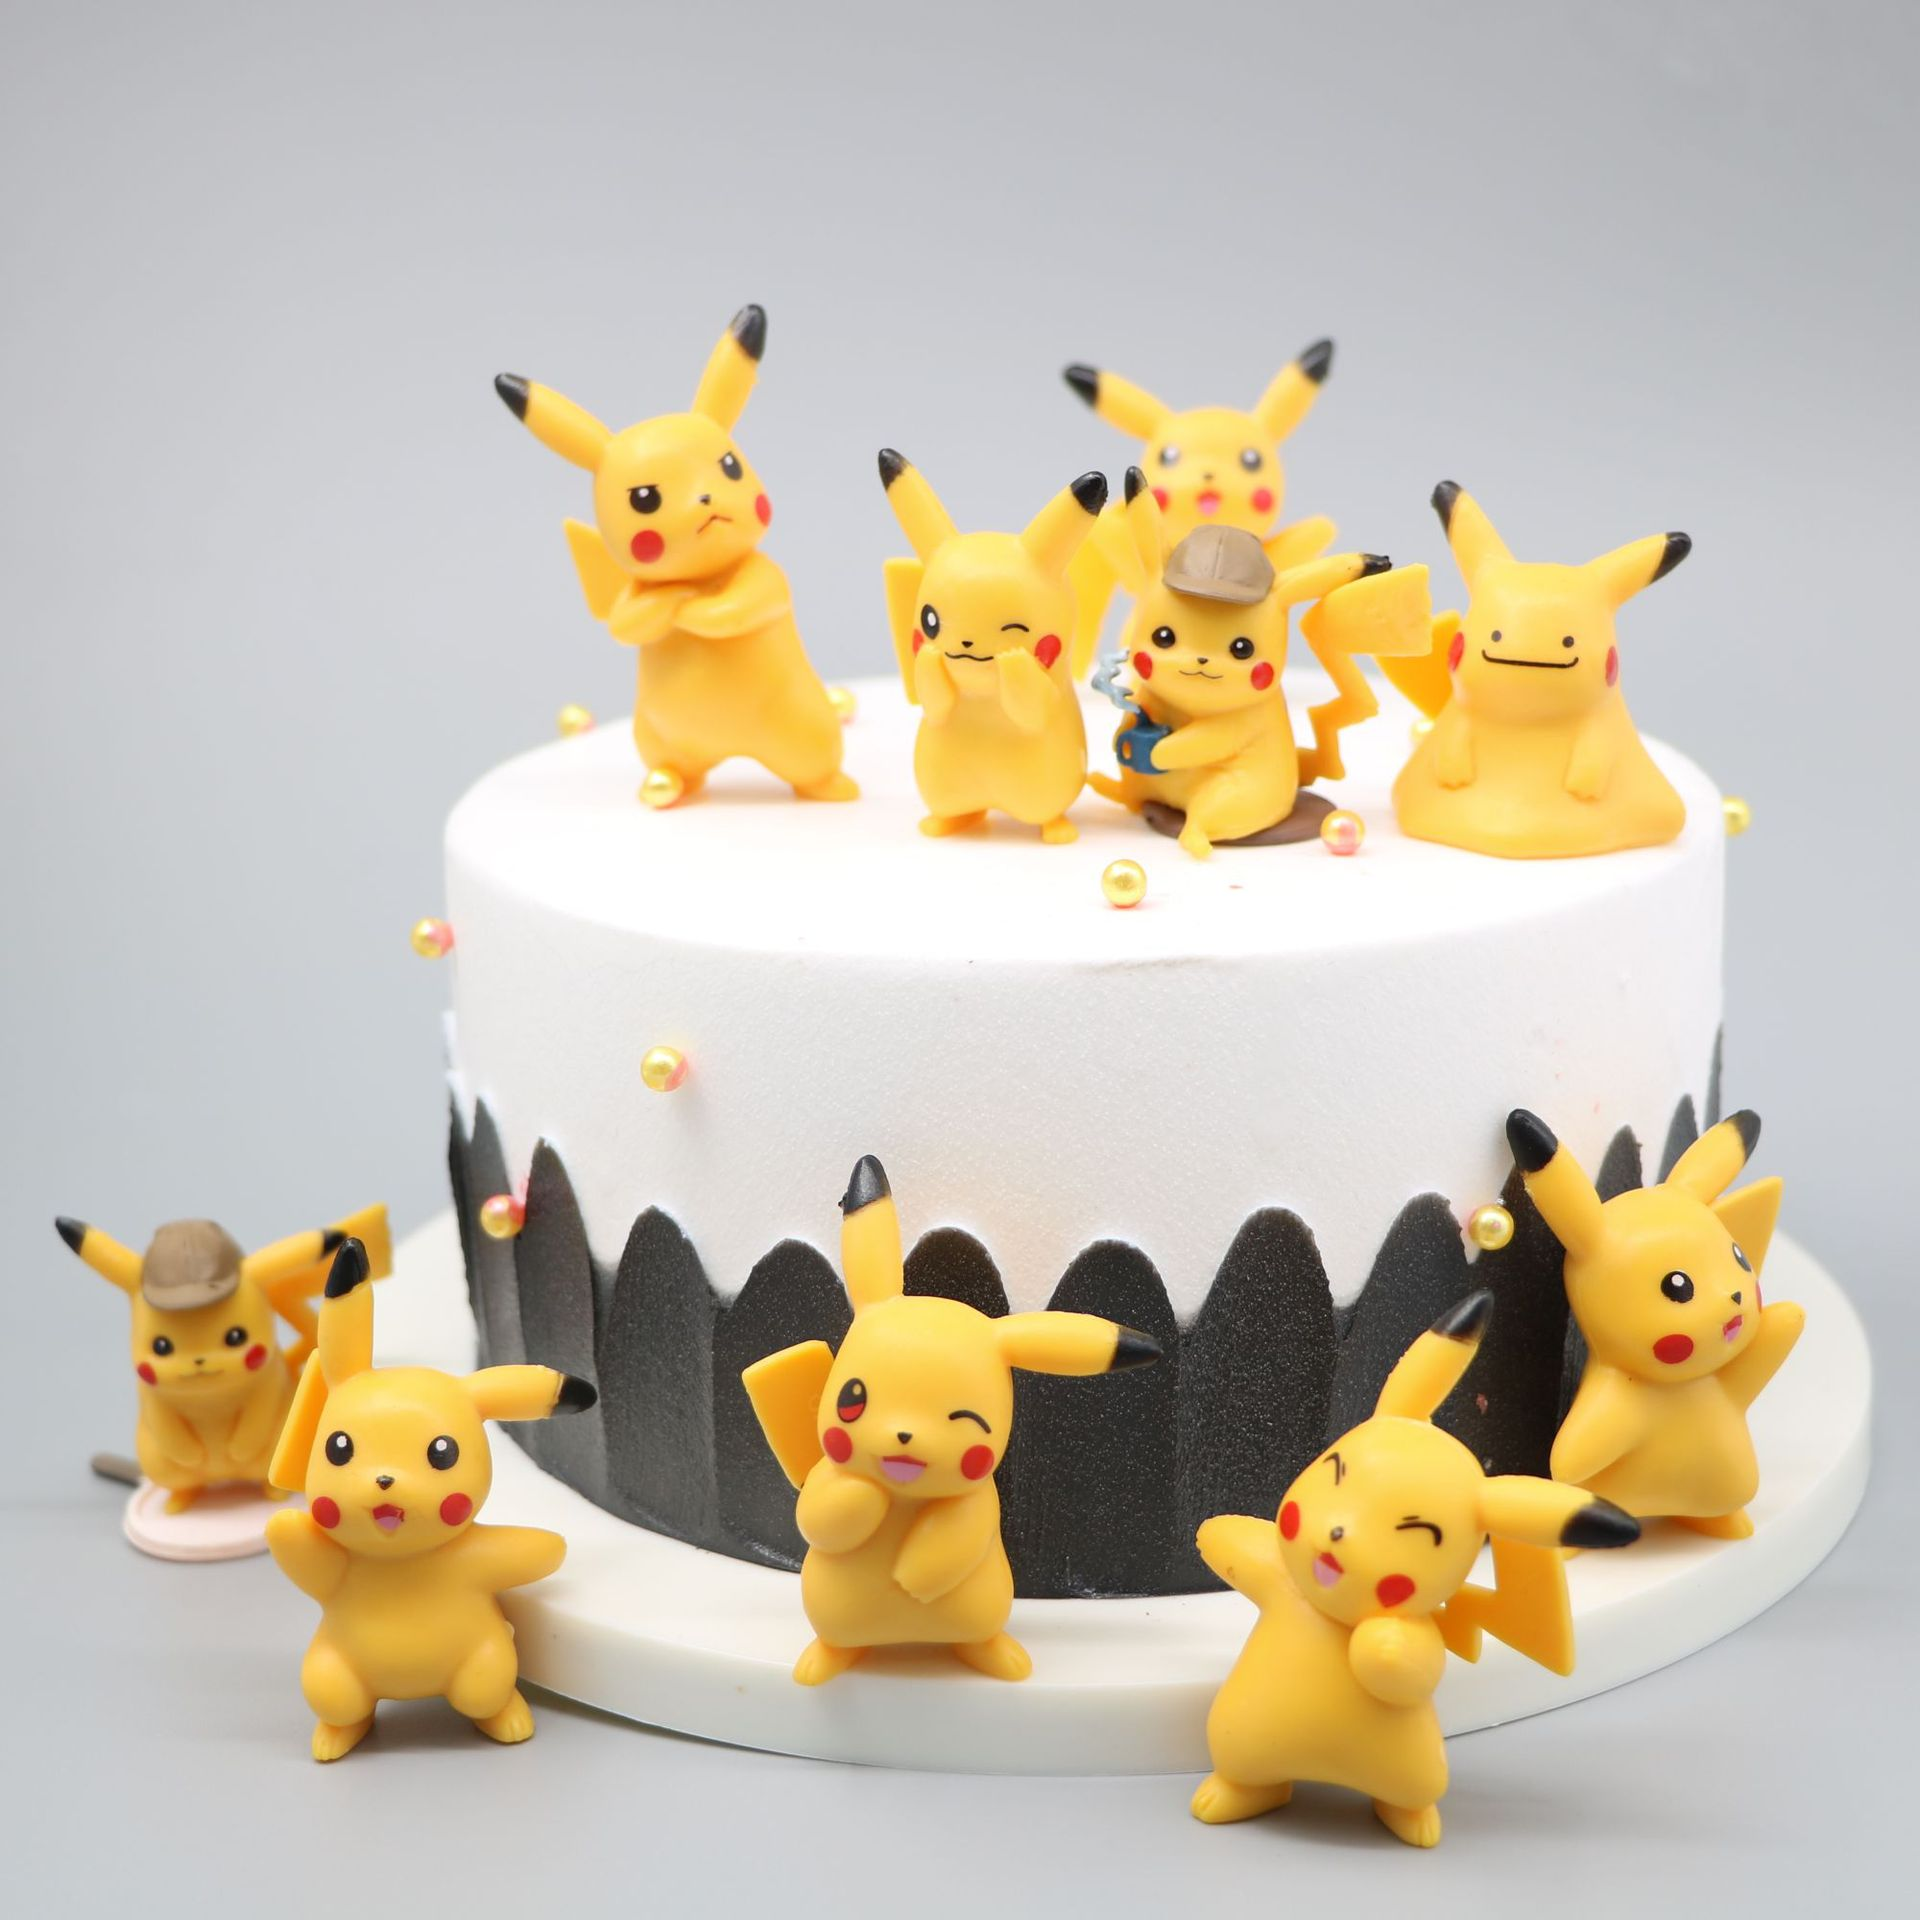 Véritable TAKARA TOMY Capsule Machine poupée 10 pièces Pokemon Pikachu aveugle boîte jouet main modèle gâteau décoration ornements